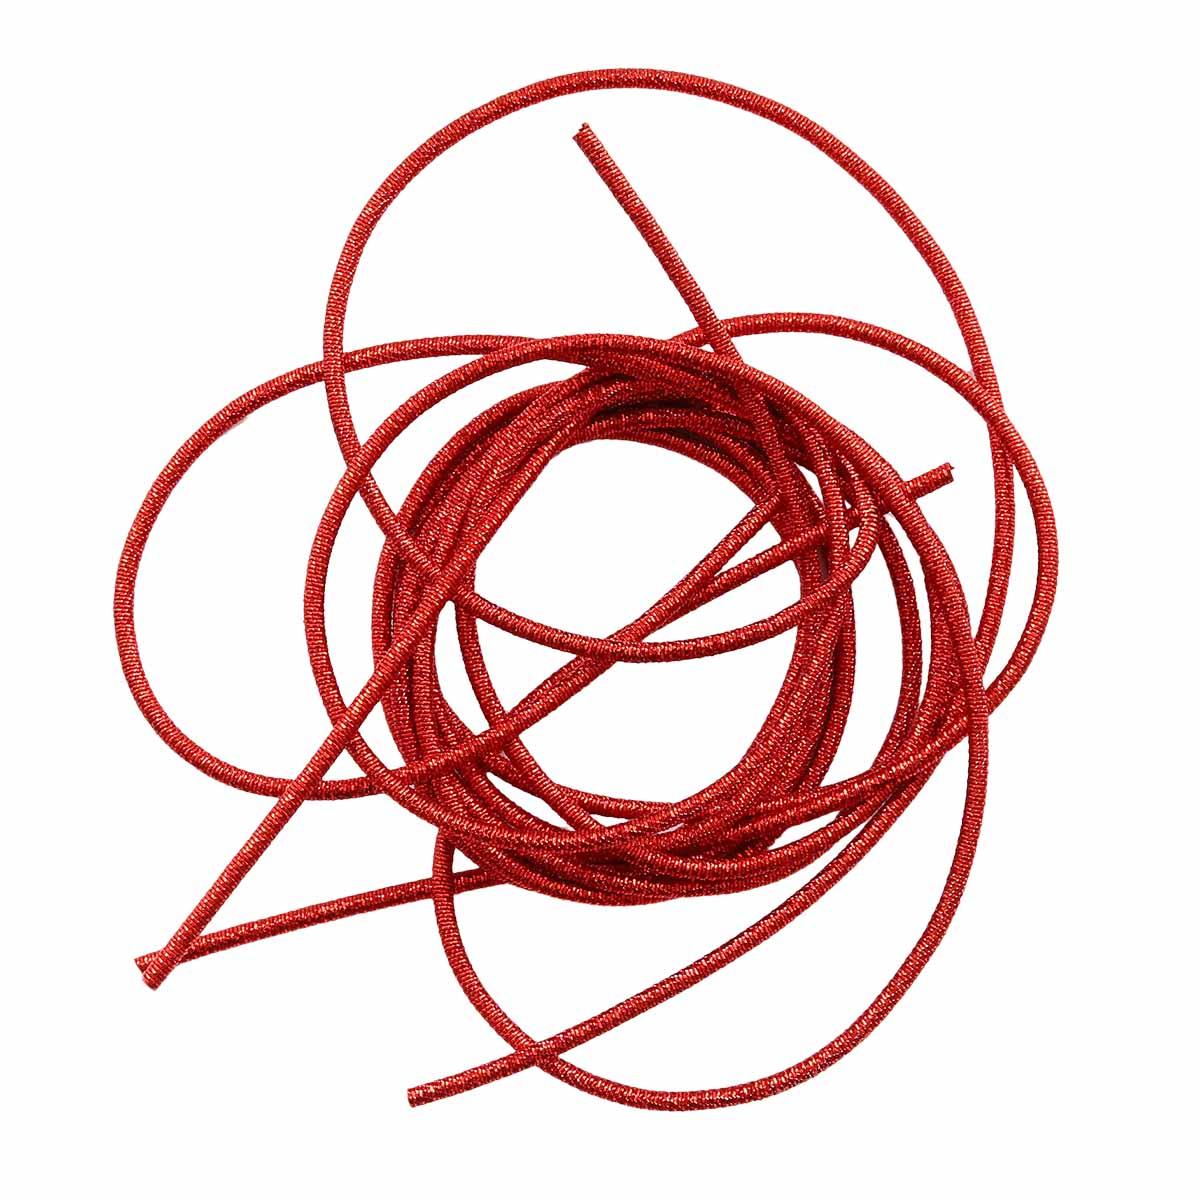 КЯ001НН1 Канитель металлизированная Красный 1 мм 5 гр. +/- 0,1 гр.